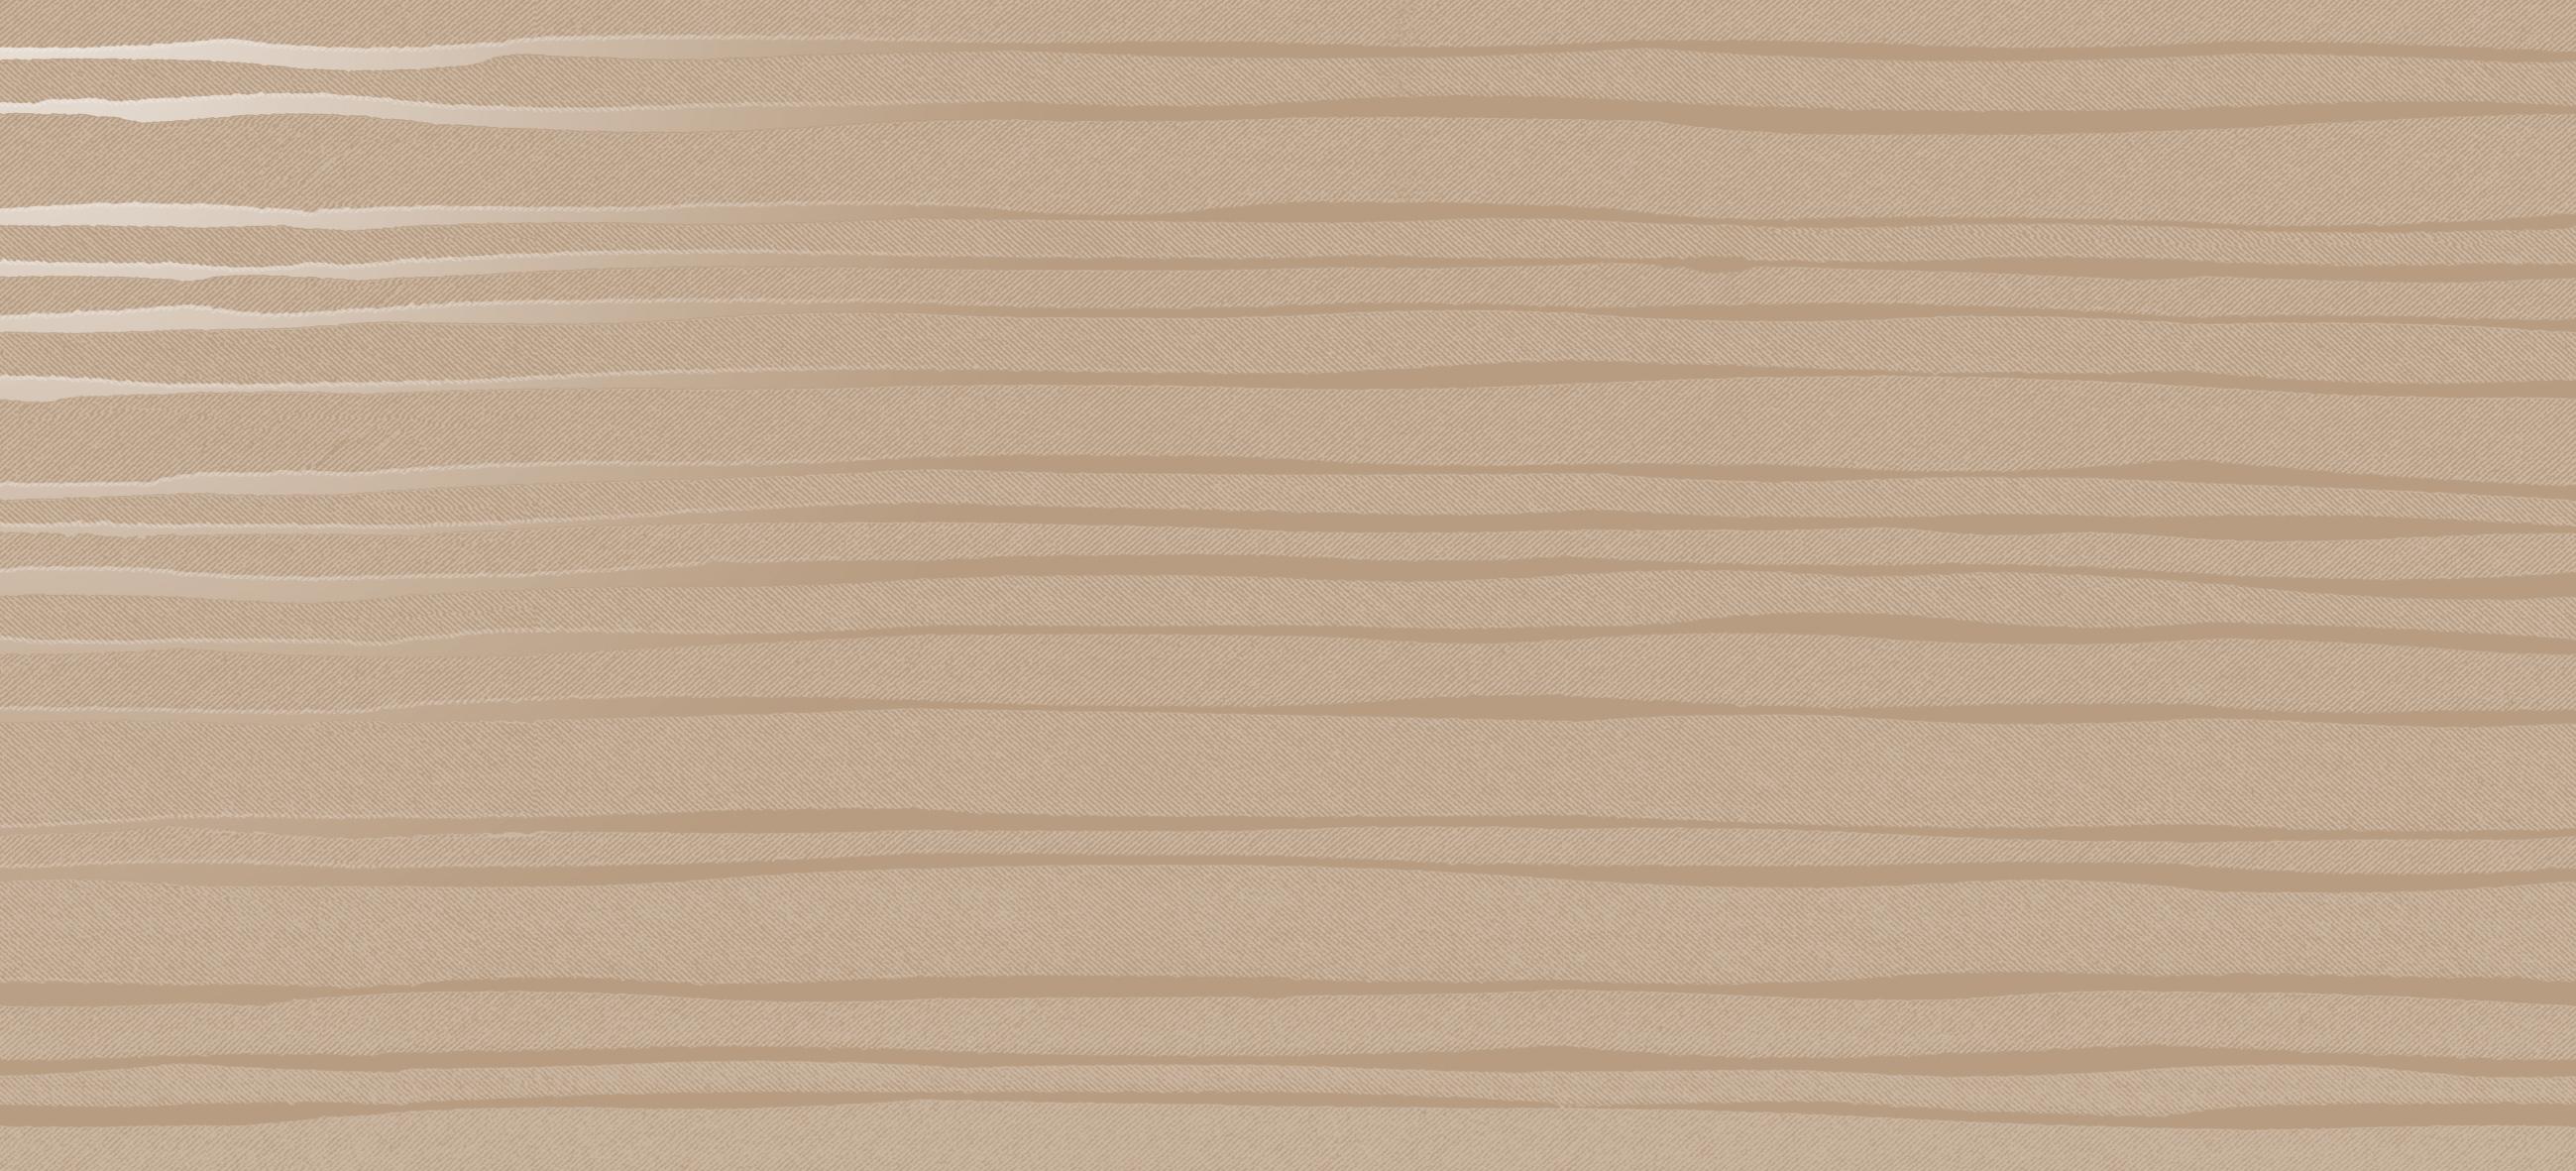 4074/25, Bel Air - poistuva sarja, Ruskea, seina